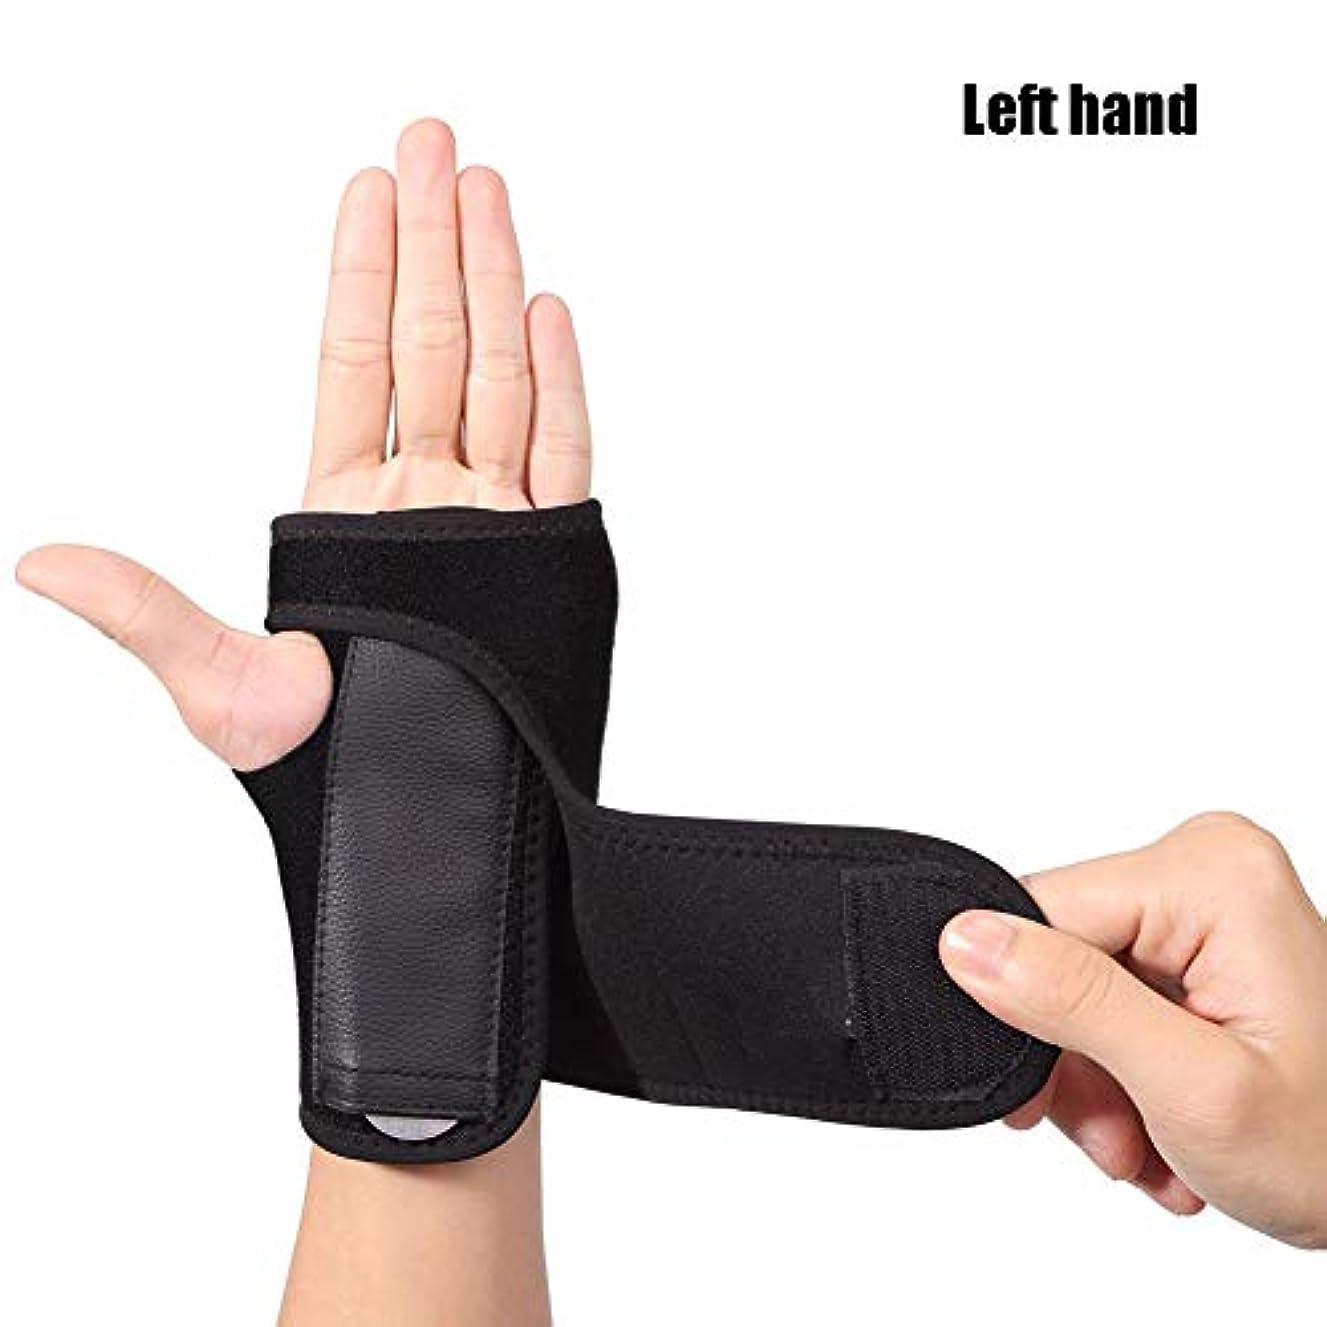 しないでください男らしさ迷惑手根管腱炎骨折関節炎の捻forのための手首のサポートスプリント,Left